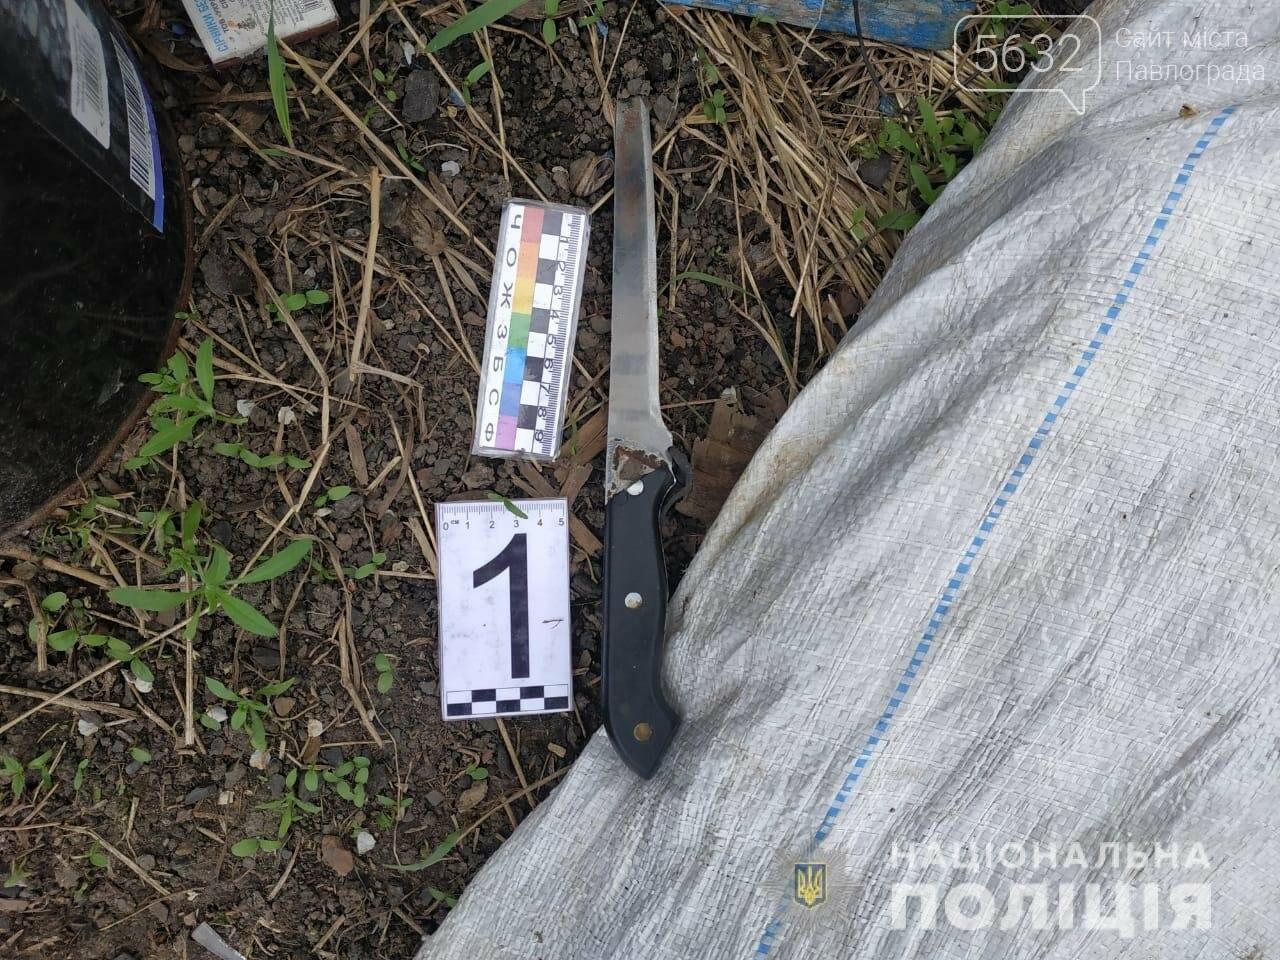 Негостеприимный хозяин: житель Терновки ранил ножом в спину мужчину, который пришёл к нему в гости, фото-1